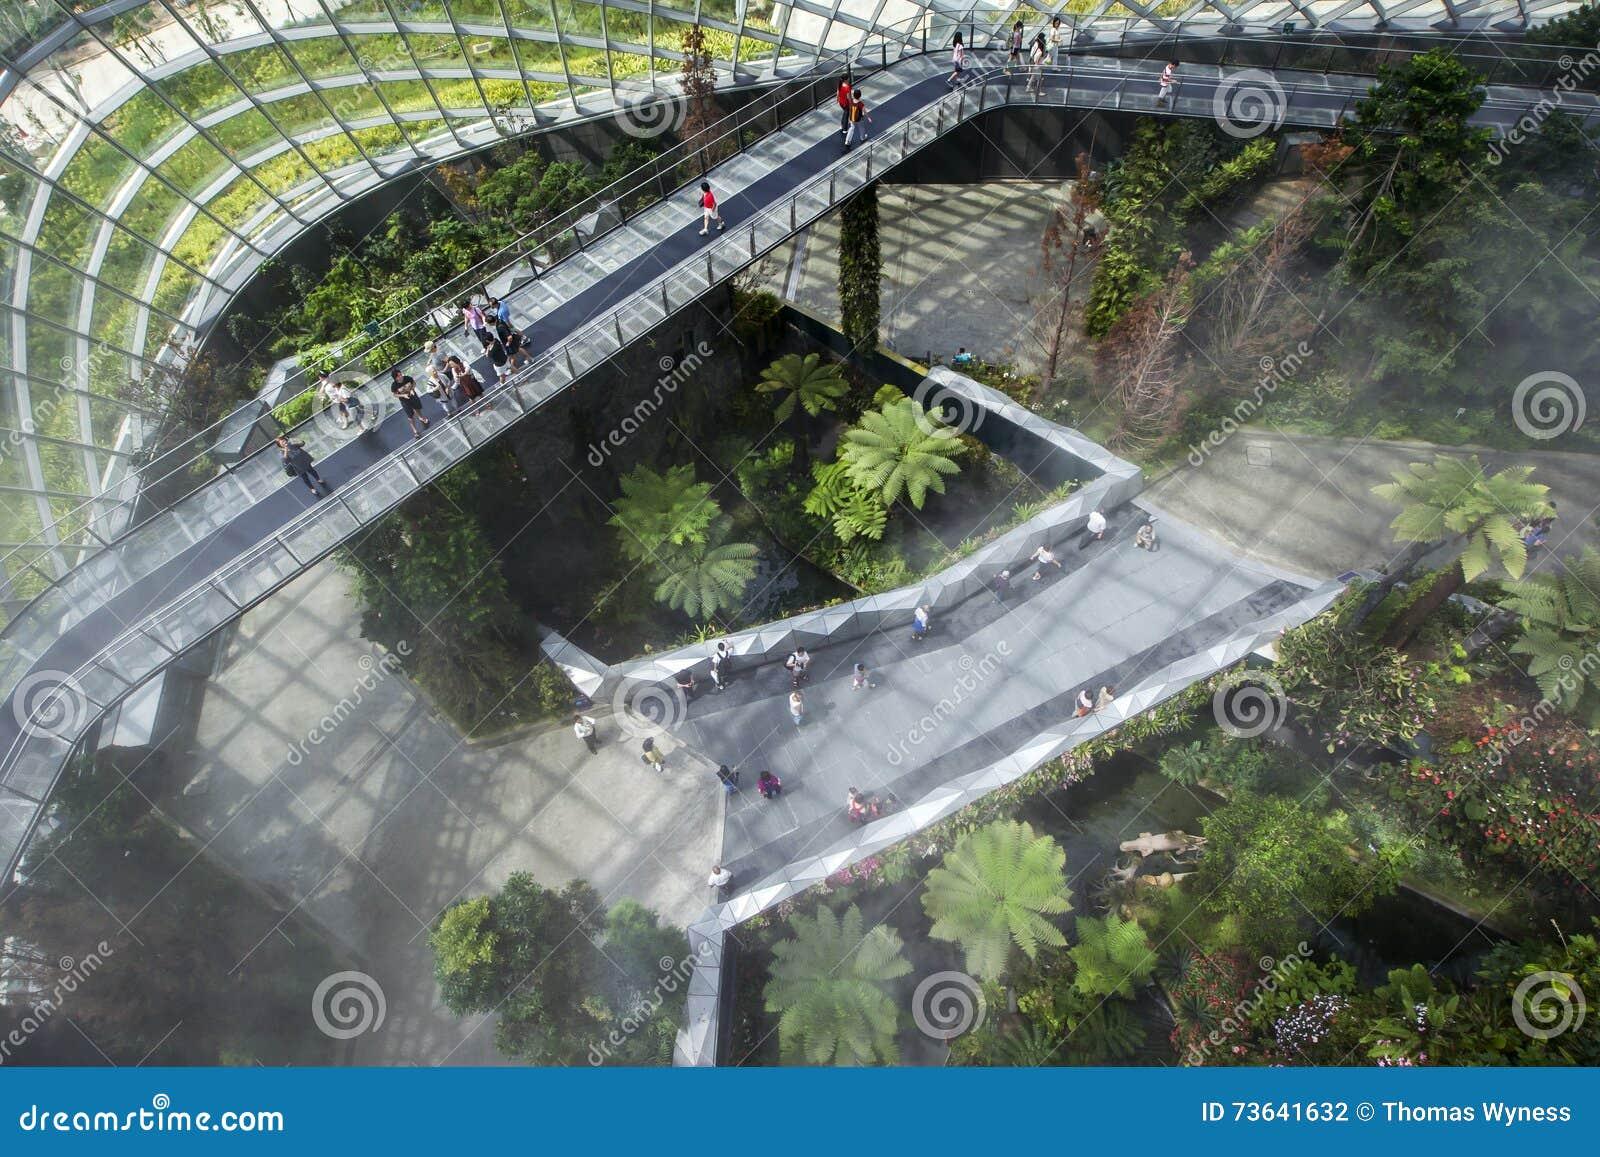 Sky Garden Walk: Visitors Walk Across The Sky Bridge In The Rainforest